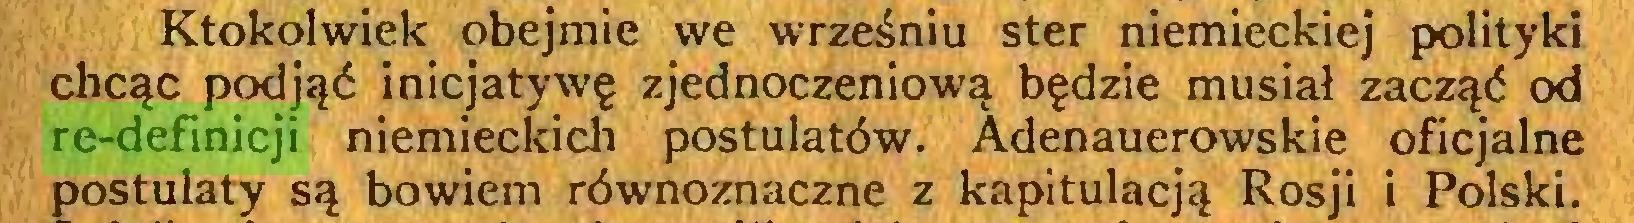 (...) Ktokolwiek obejmie we wrześniu ster niemieckiej polityki chcąc podjąć inicjatywę zjednoczeniową będzie musiał zacząć od re-definicji niemieckich postulatów. Adenauerowskie oficjalne postulaty są bowiem równoznaczne z kapitulacją Rosji i Polski...